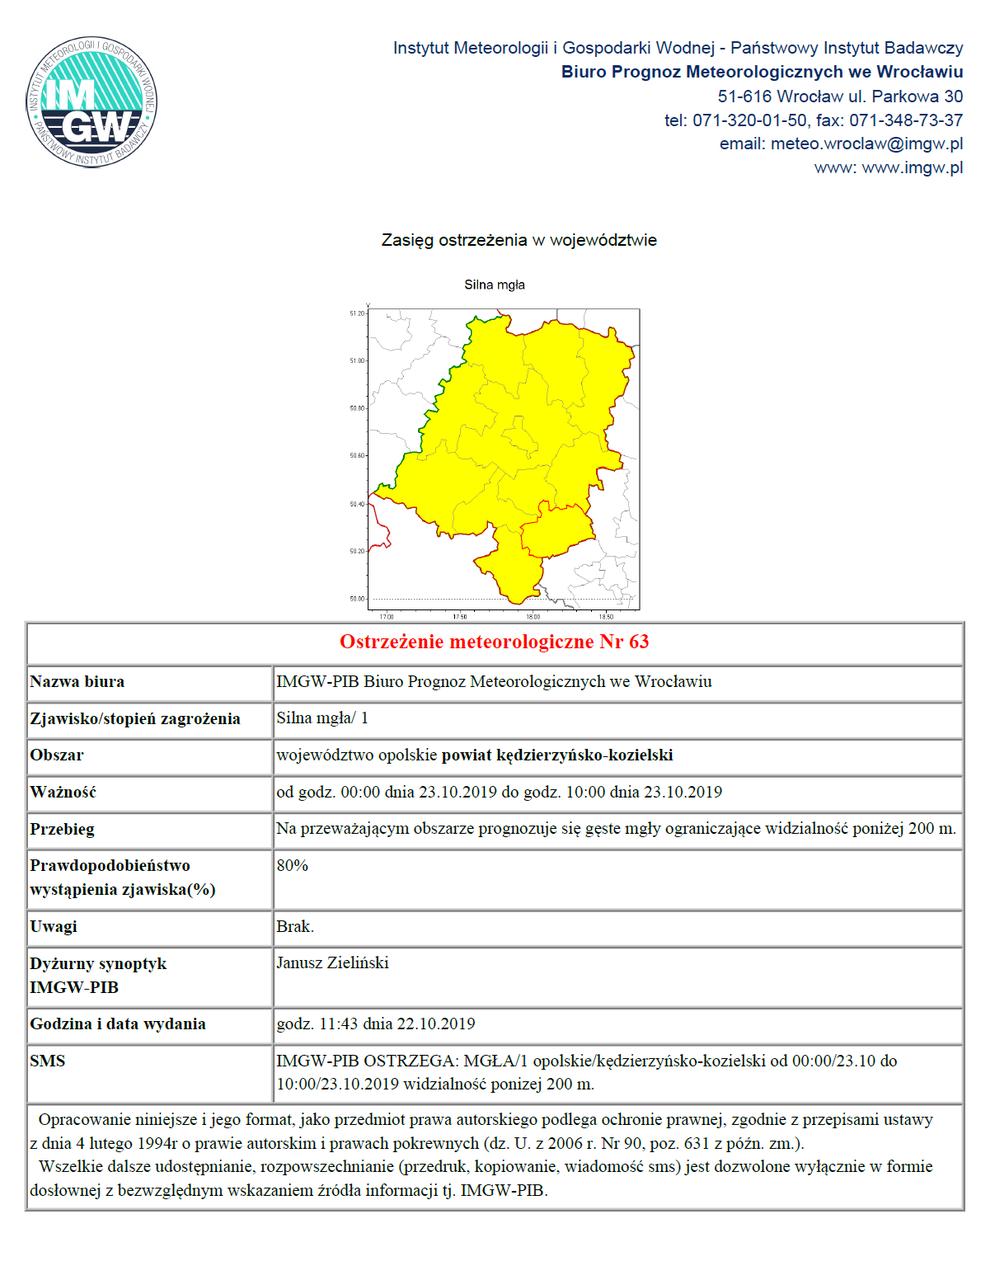 Ostrzeżenie meteorologiczne nr 63 z 22.10.2019.png